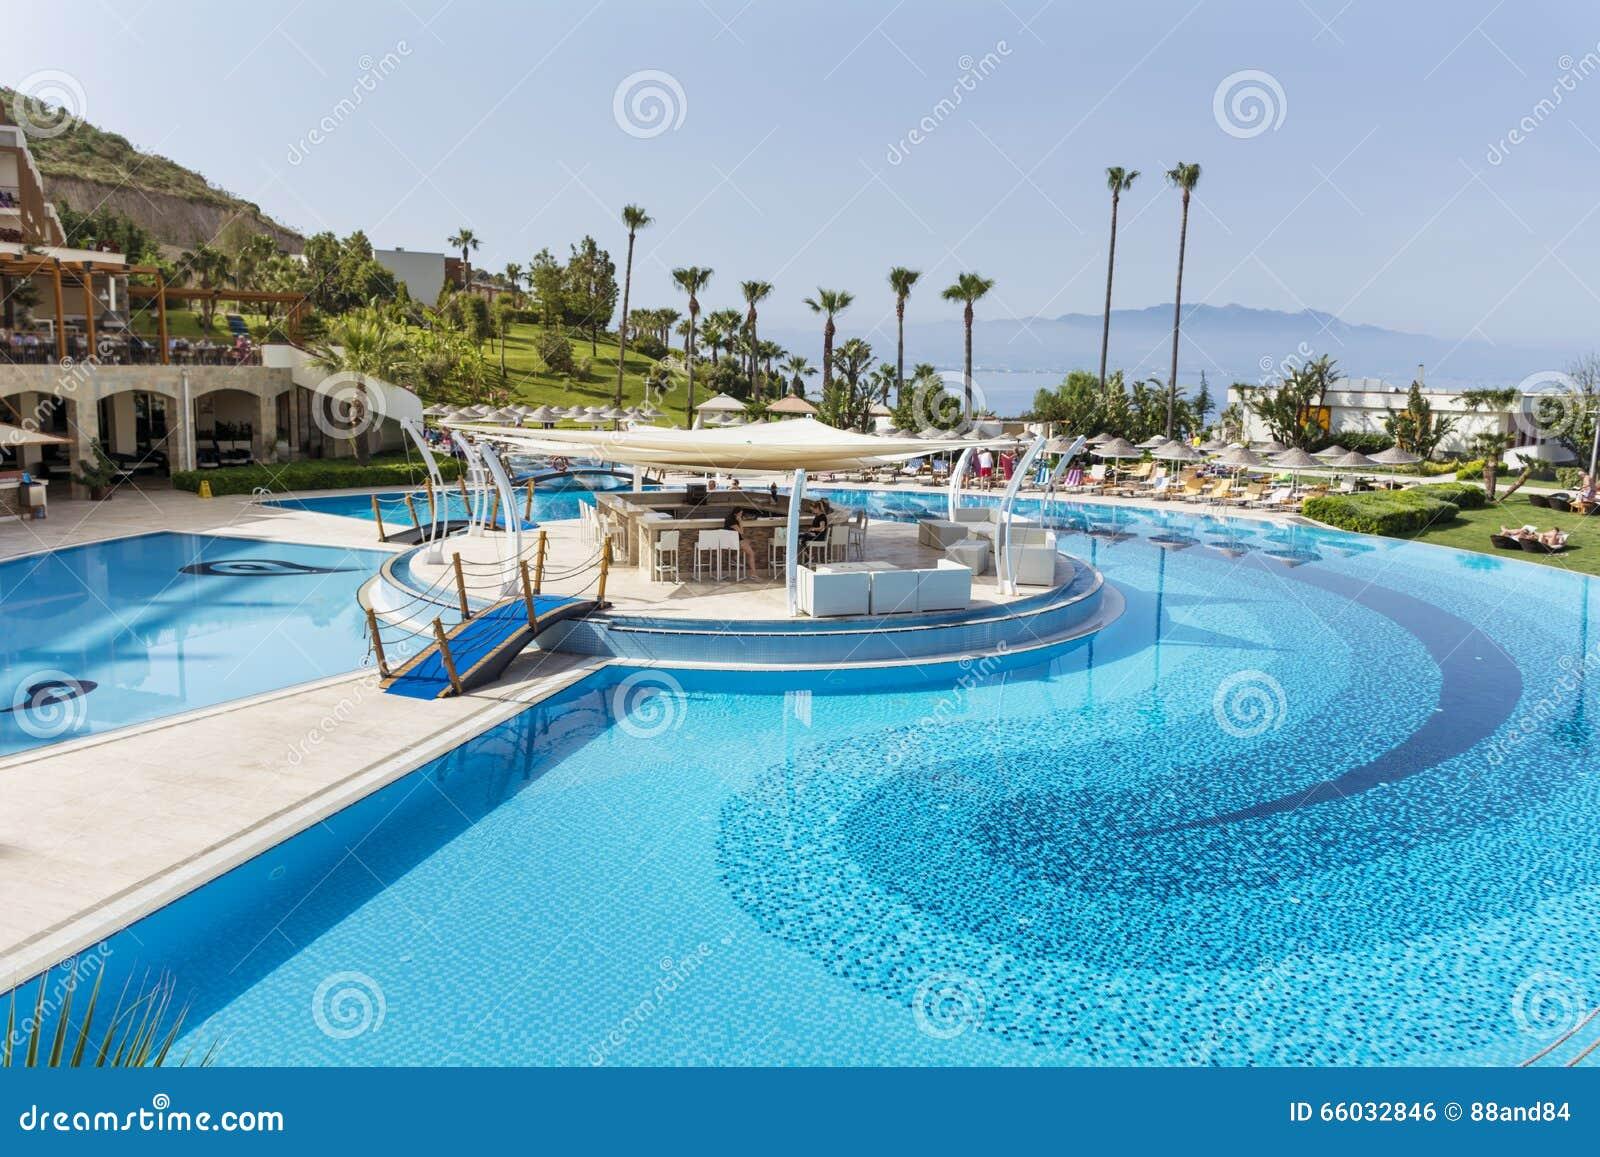 Grande piscine ext rieure avec des paumes et mer l for Prix piscine exterieure